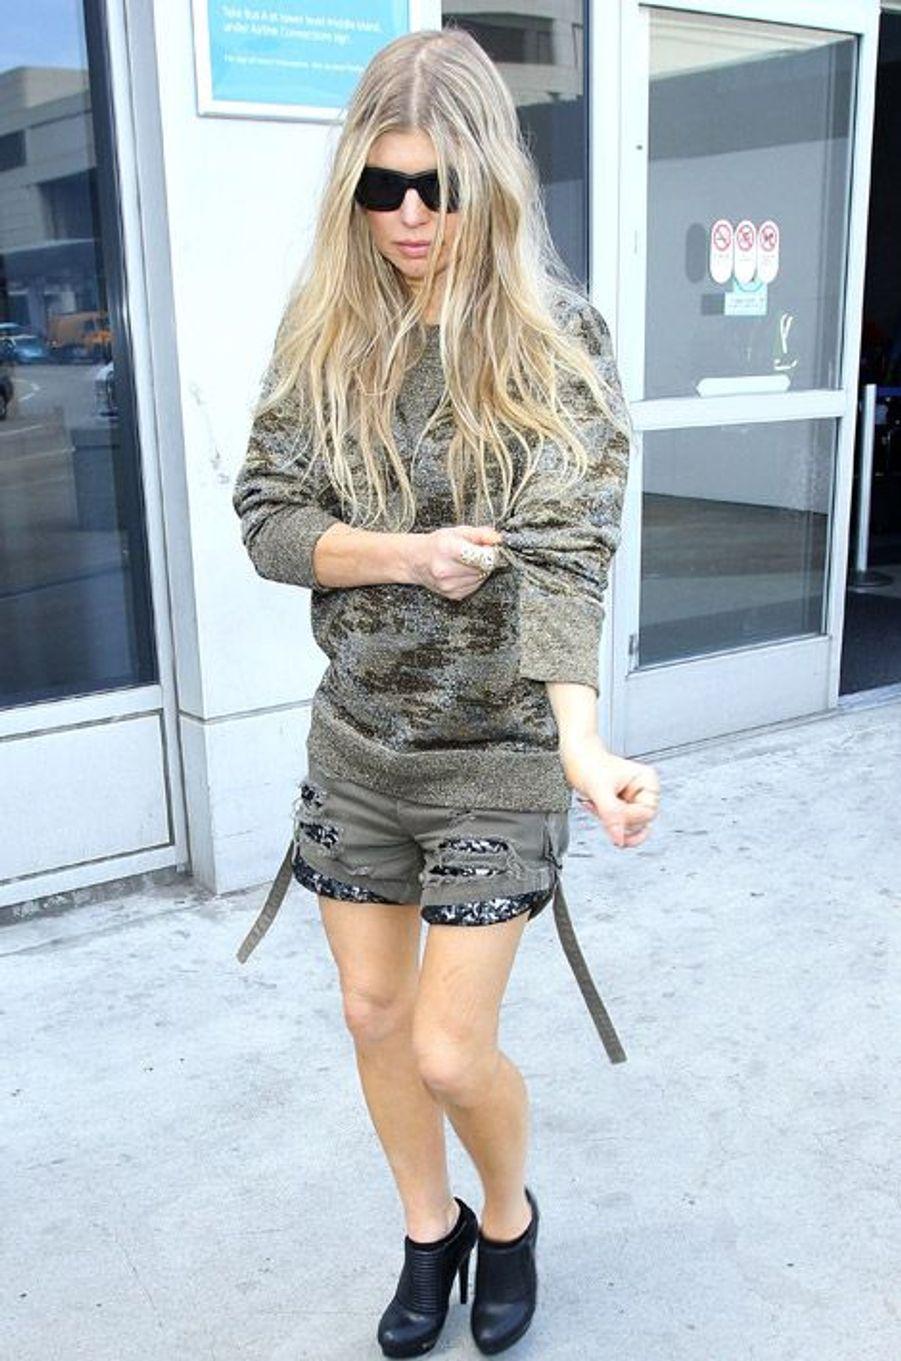 La chanteuse Fergie à Los Angeles, le 14 octobre 2014